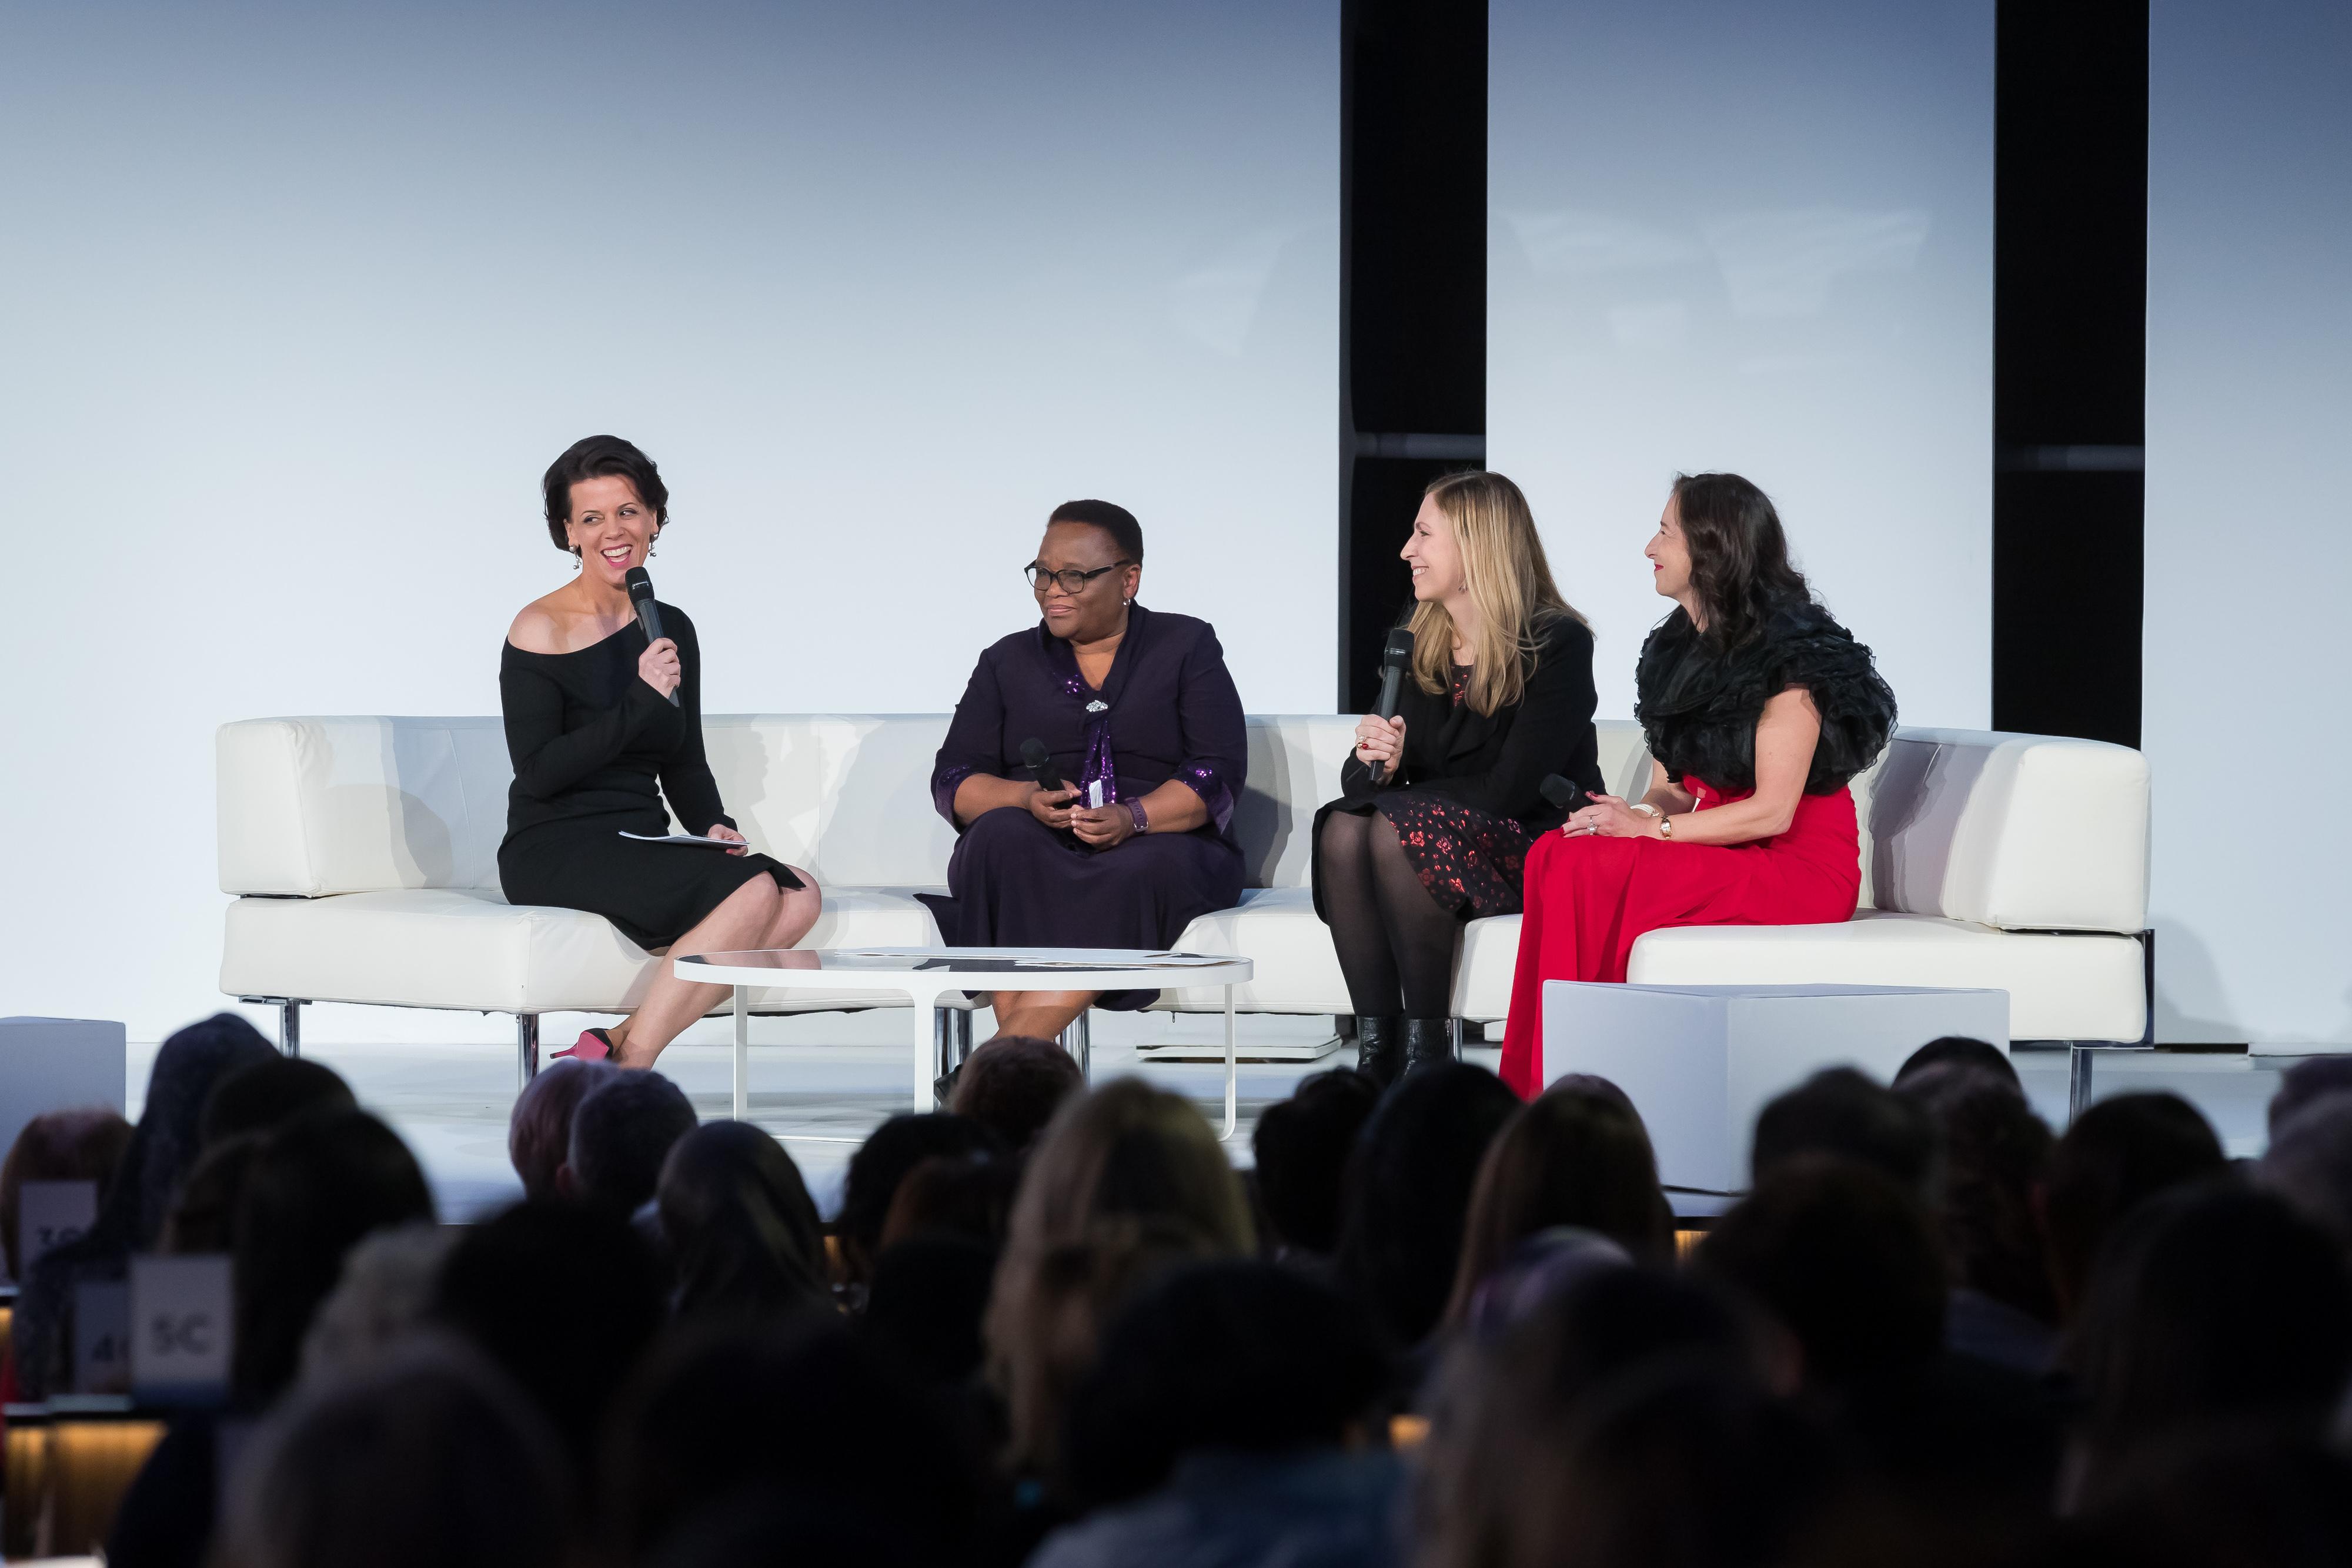 La fondation L'Oréal soutient les femmes scientifiques